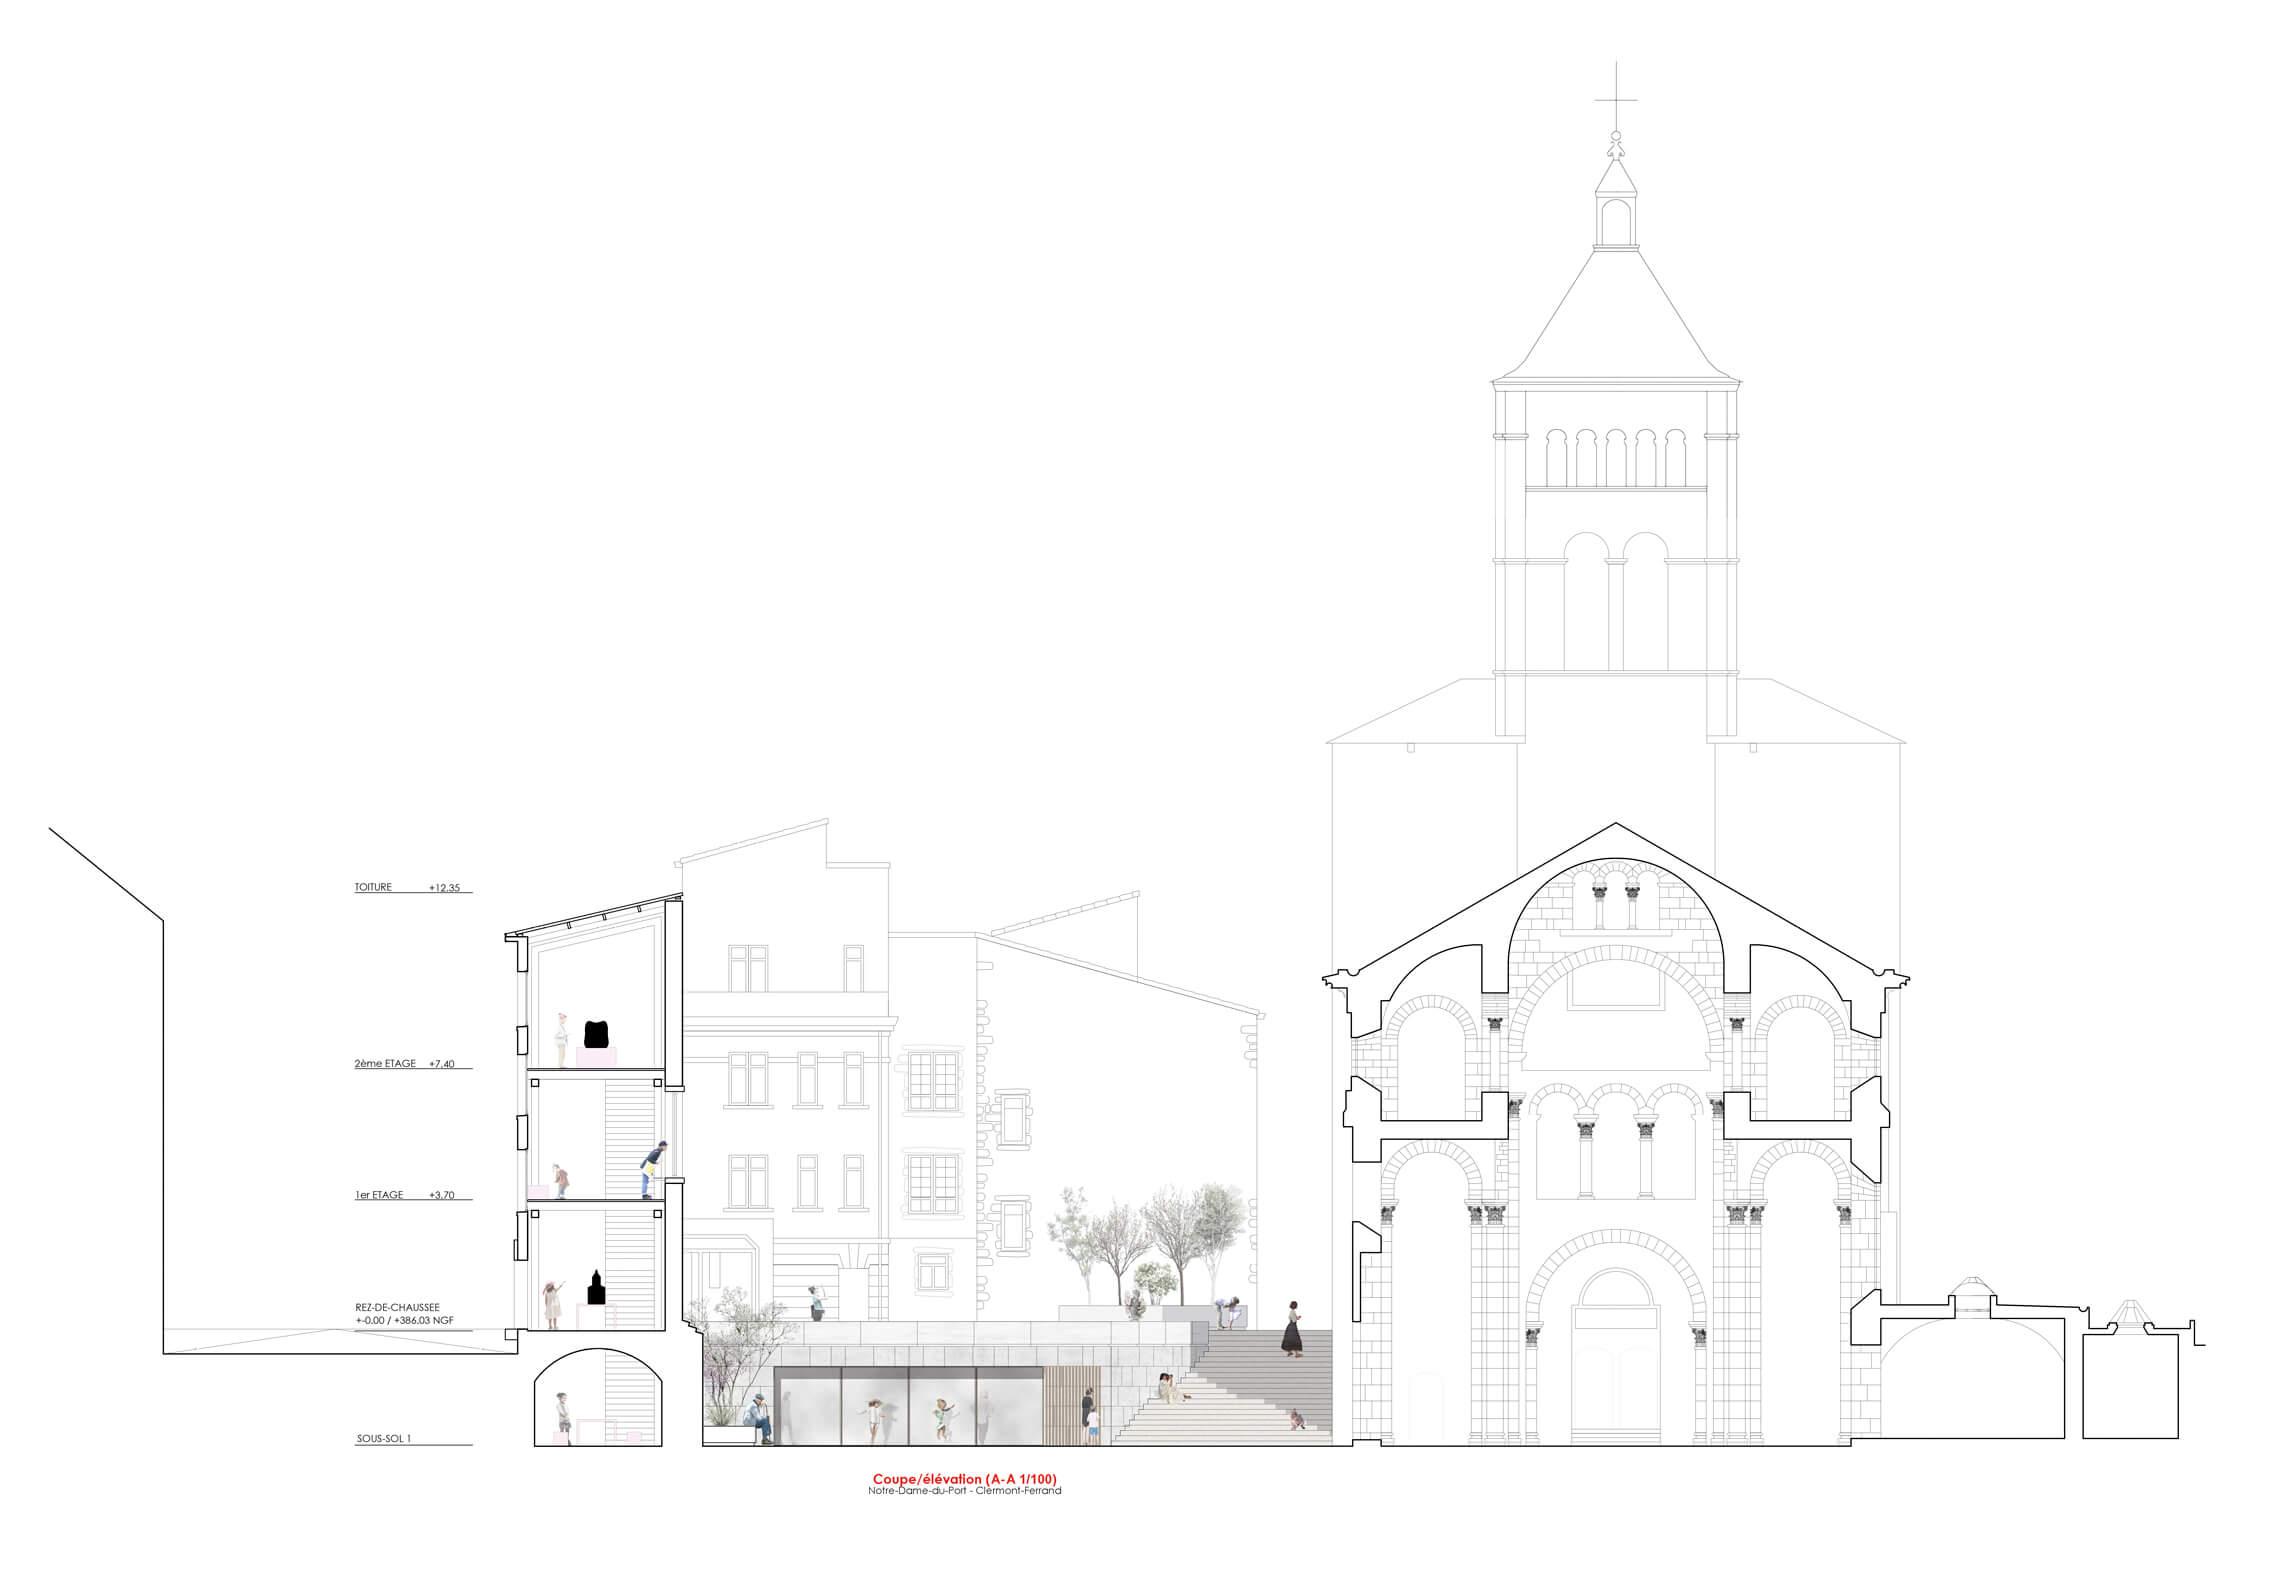 Linazasoro remodelacion basilica clermont seccion 2